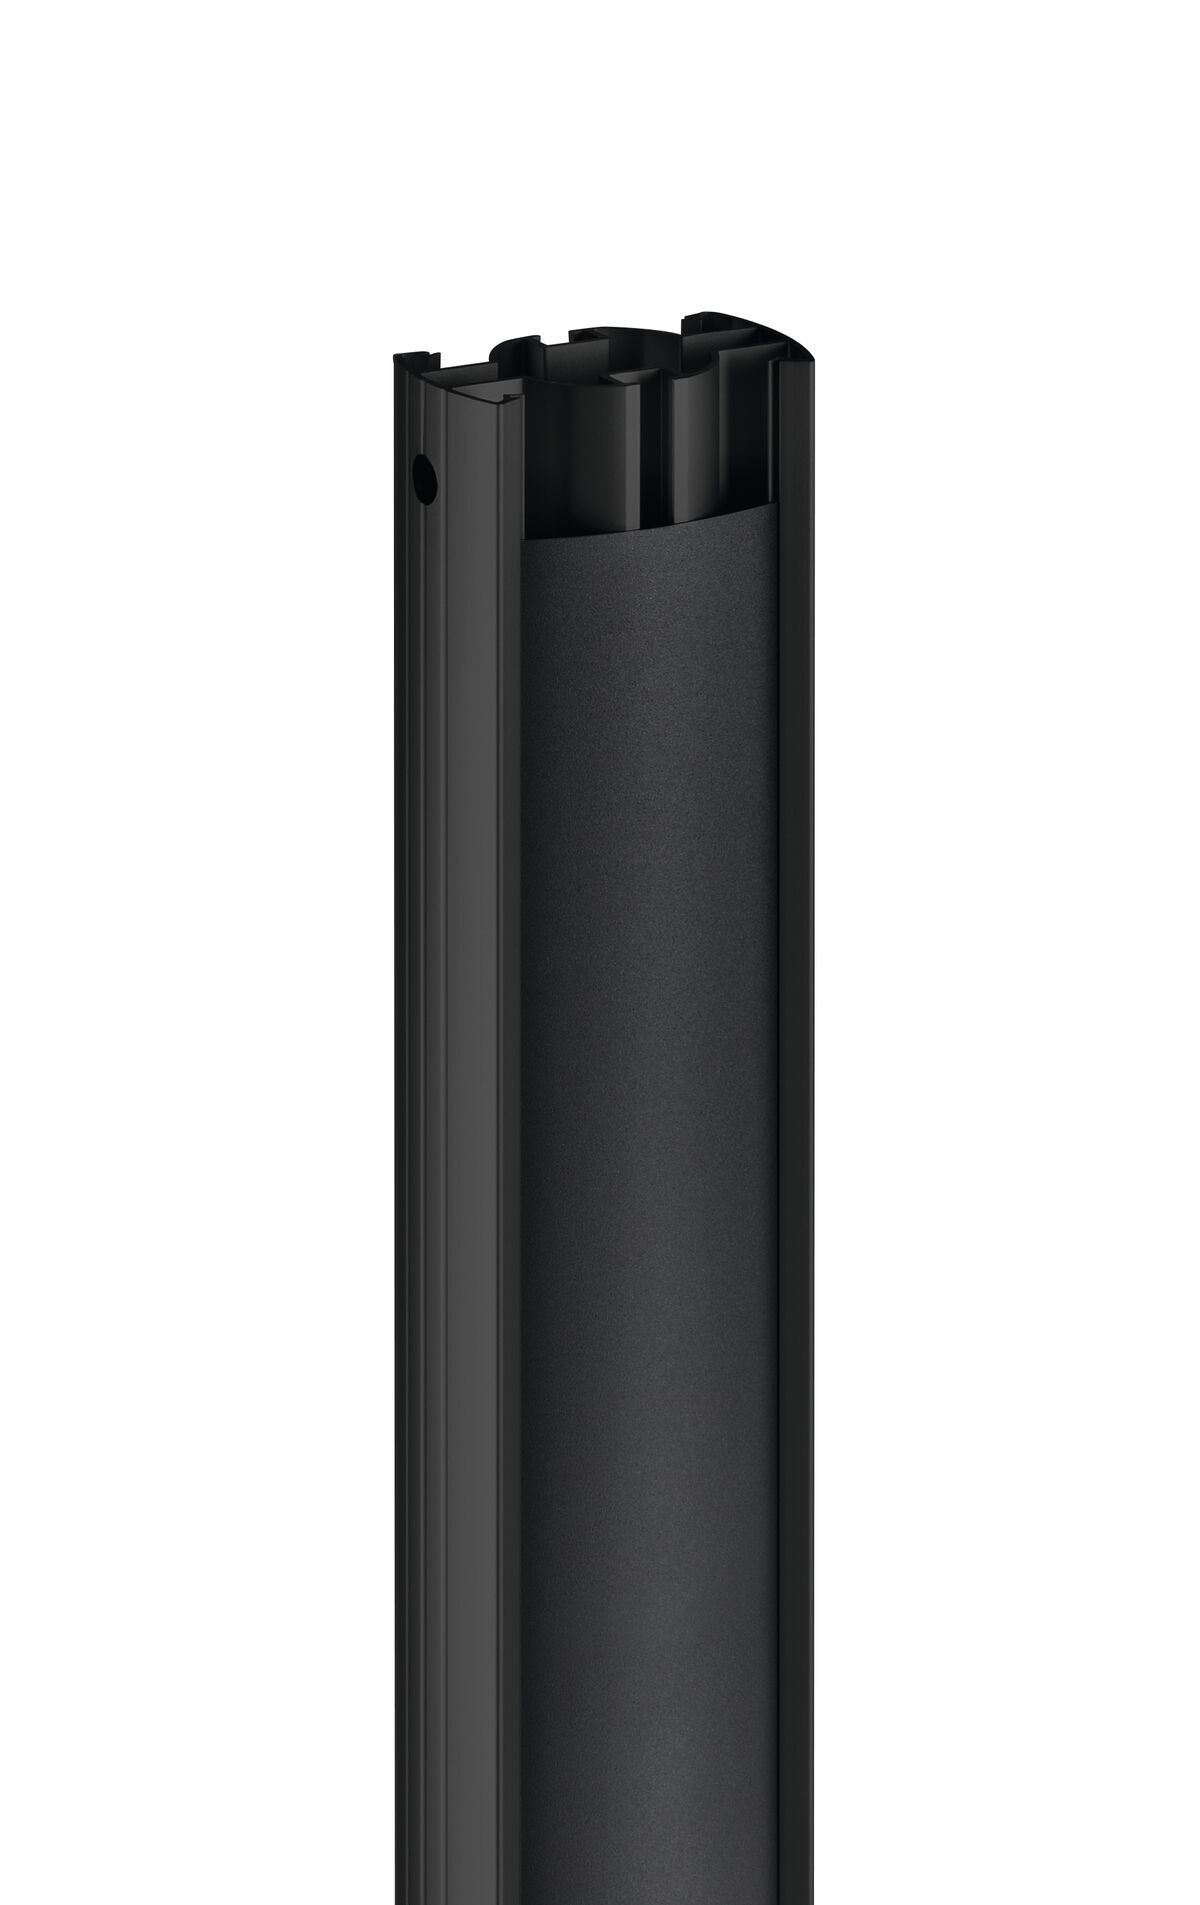 Vogel's PUC 2508 Deckenabhängungsprofil - Product